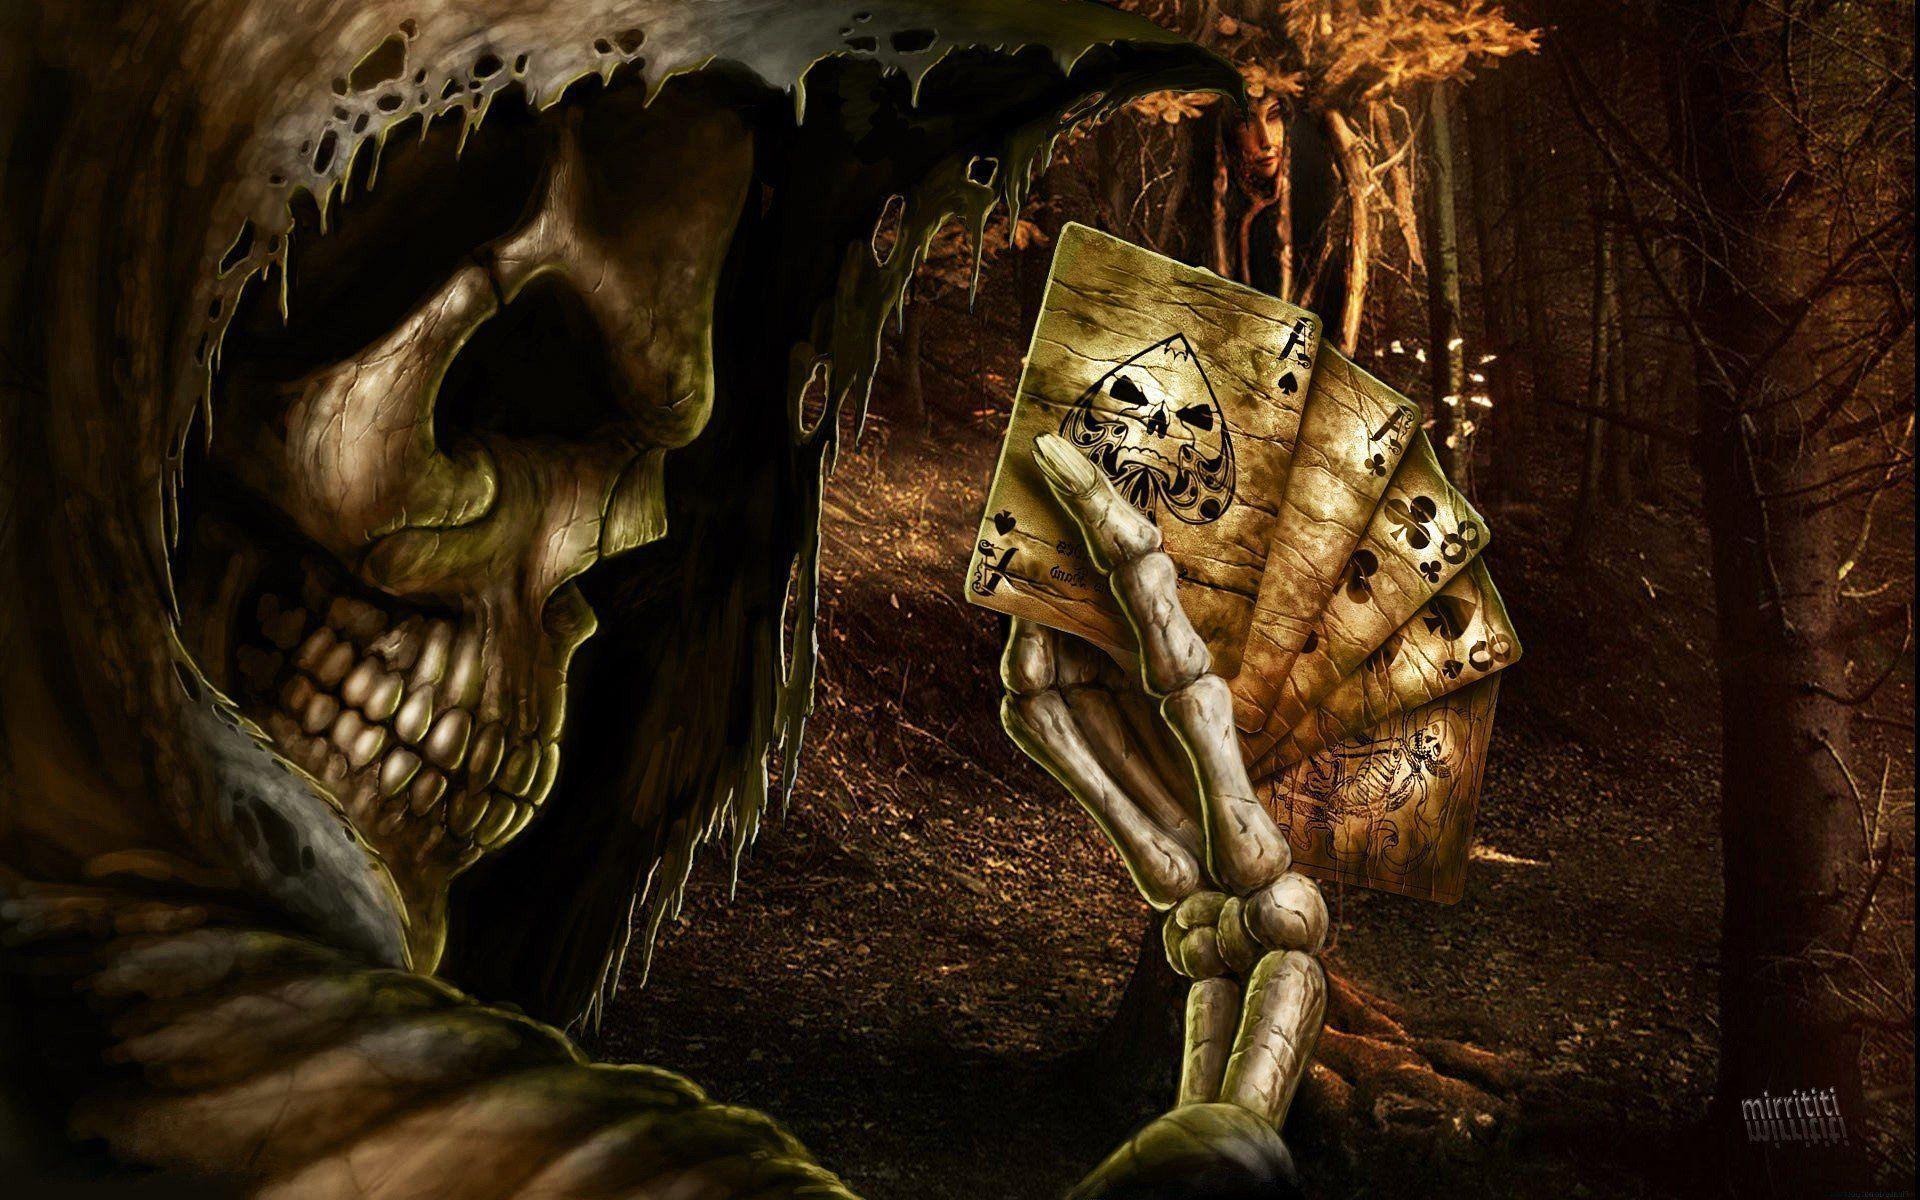 www grimreper com wallpaper - photo #12